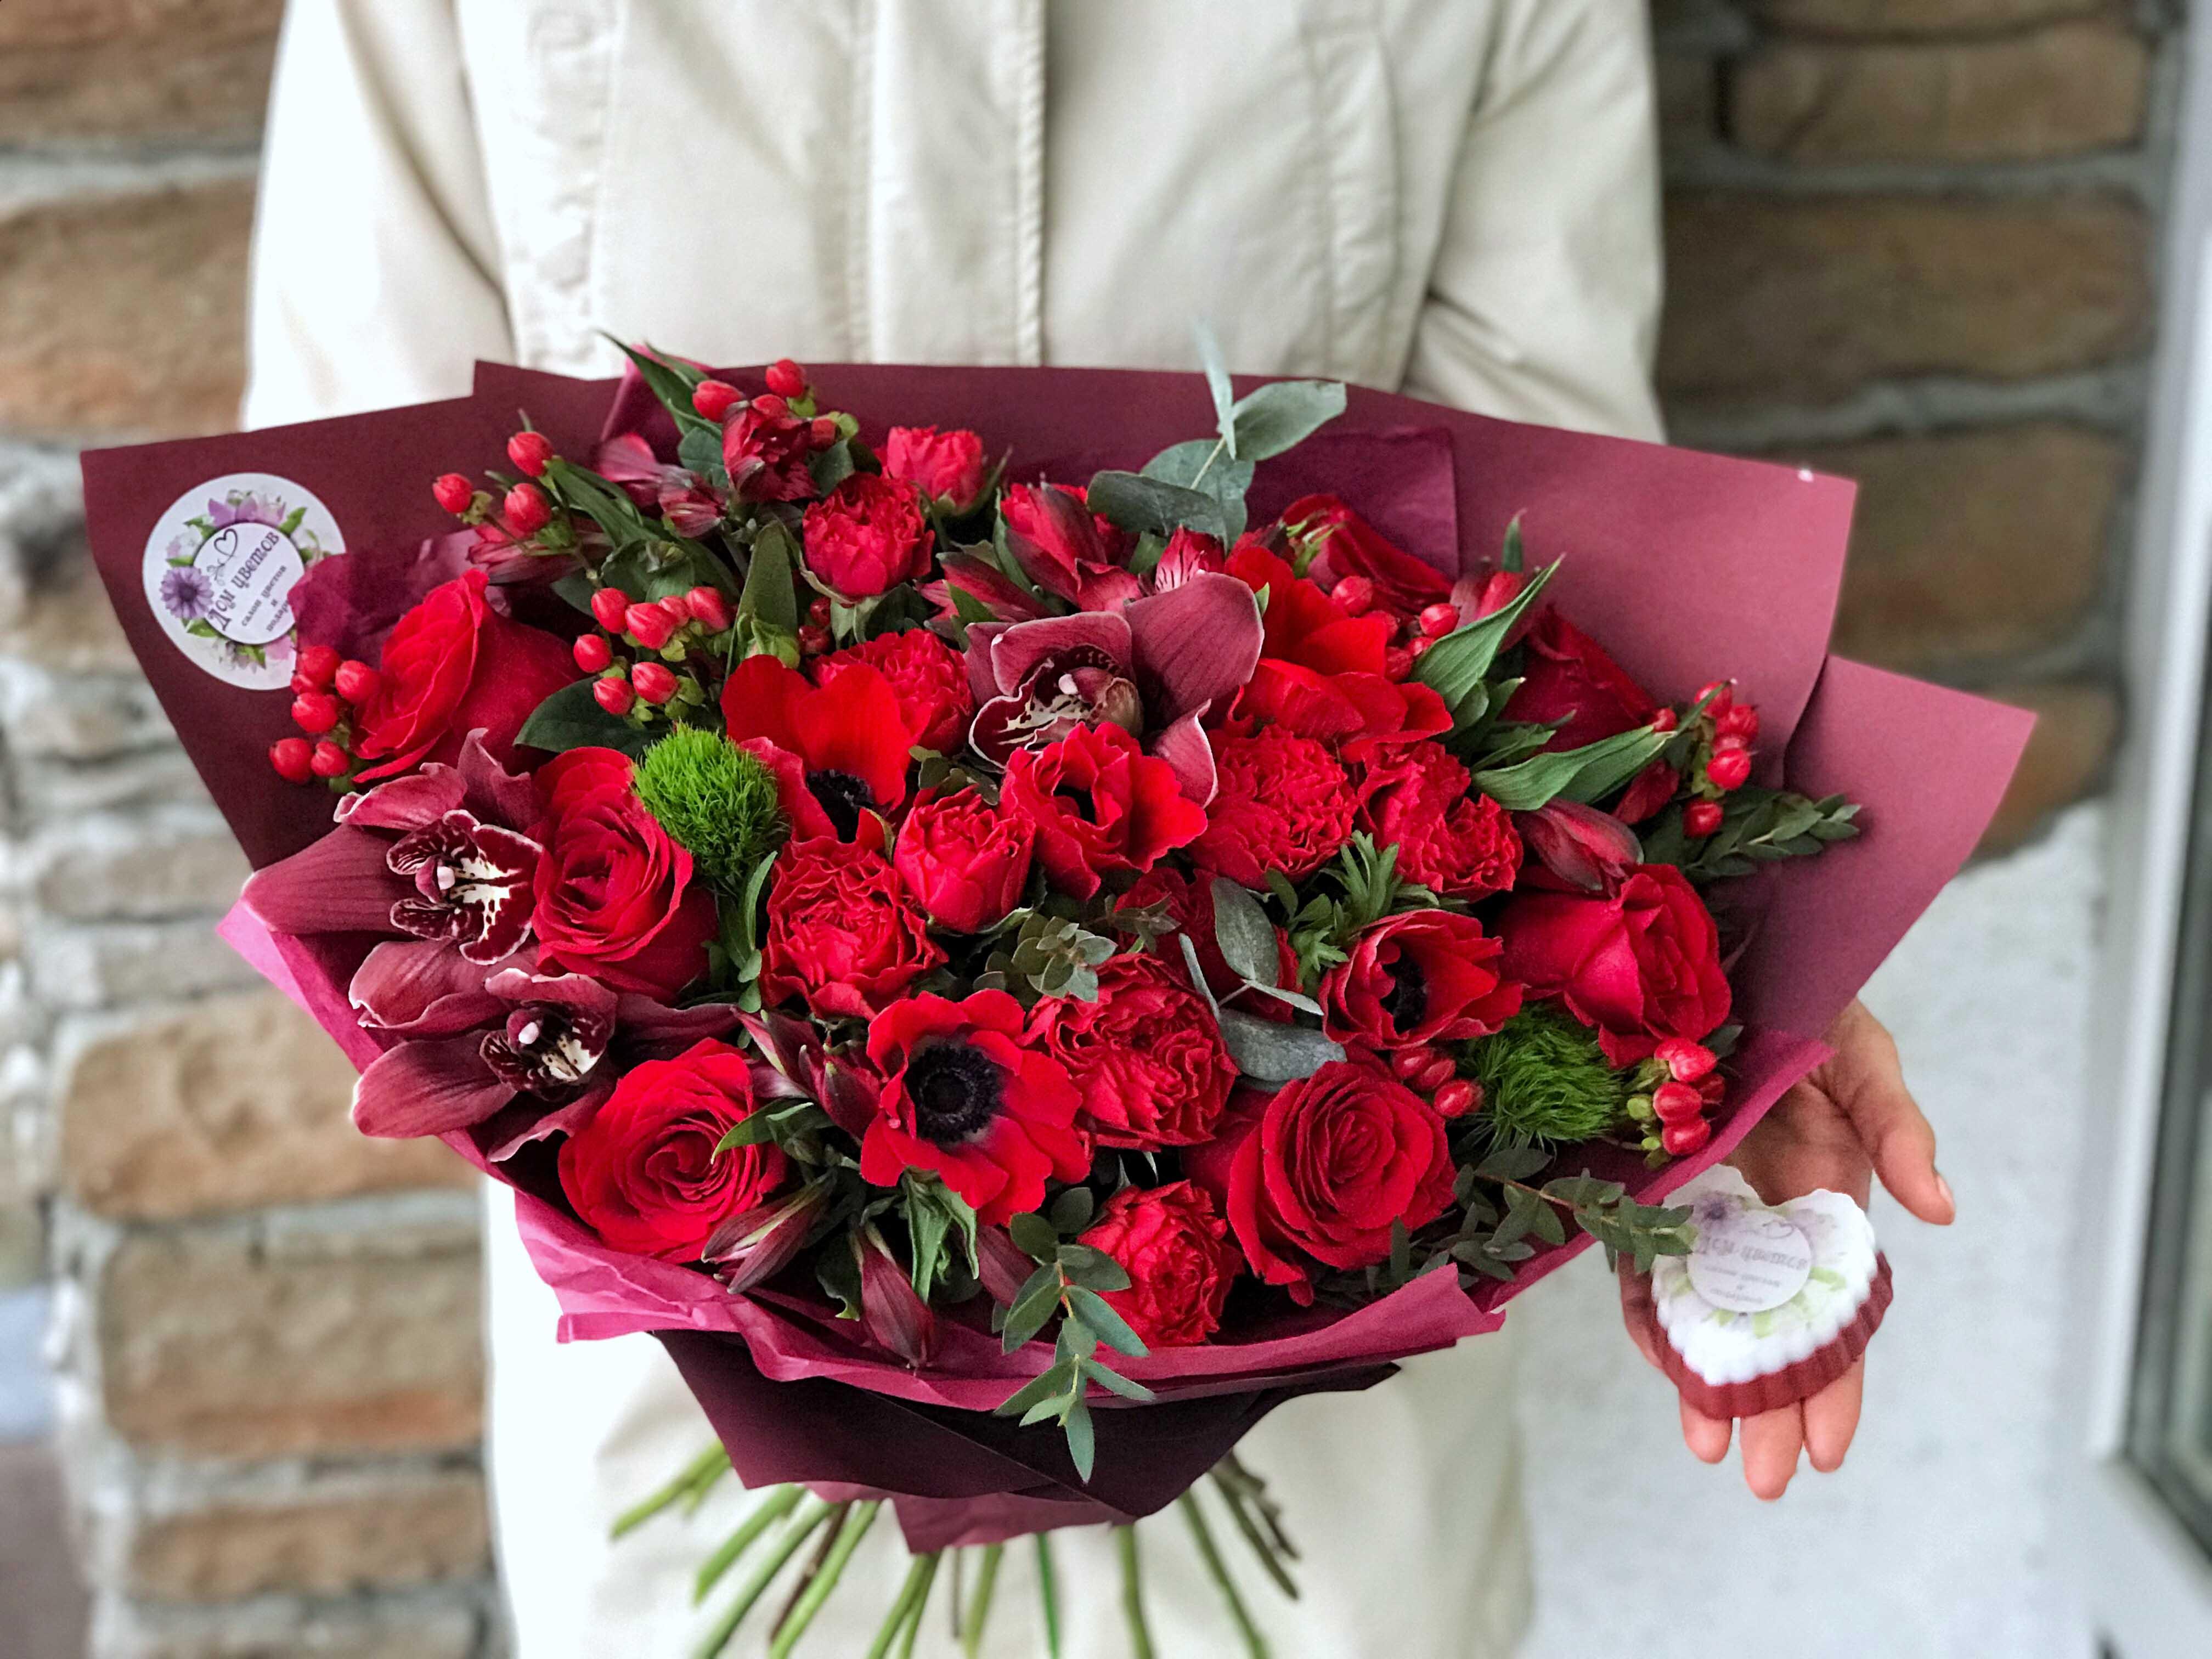 Купить букет минск с доставкой, цветов